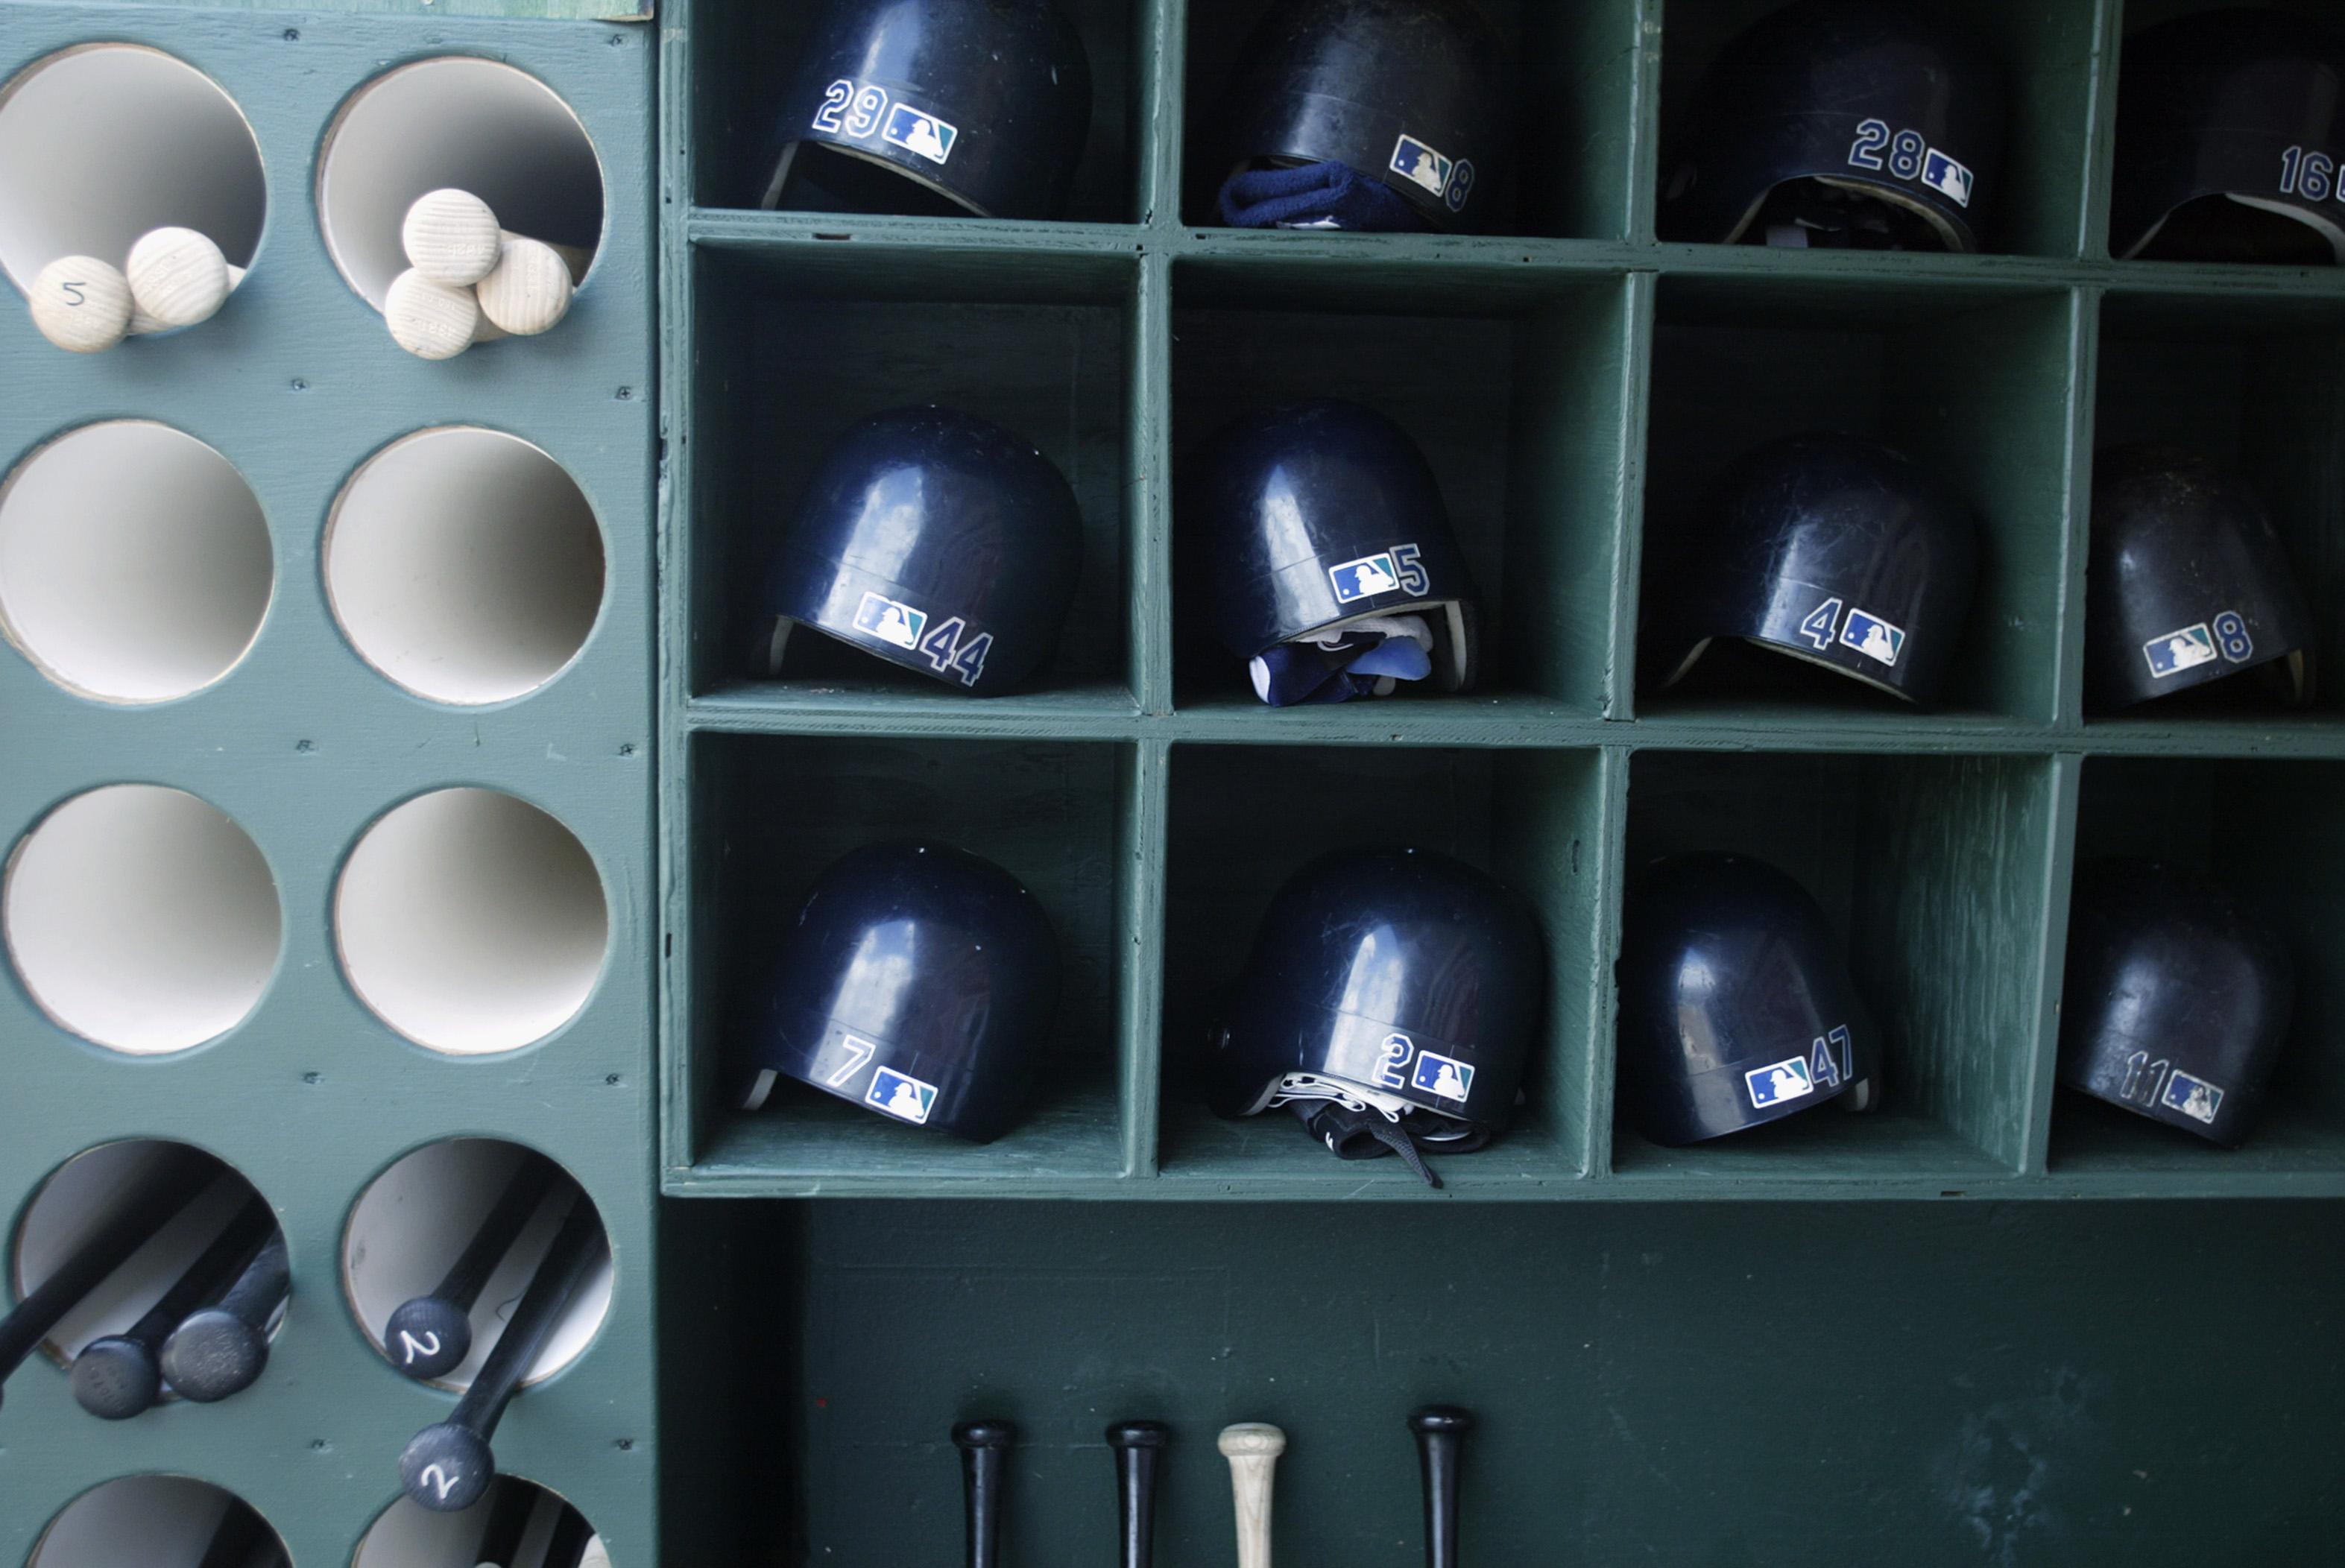 Bats and helmets